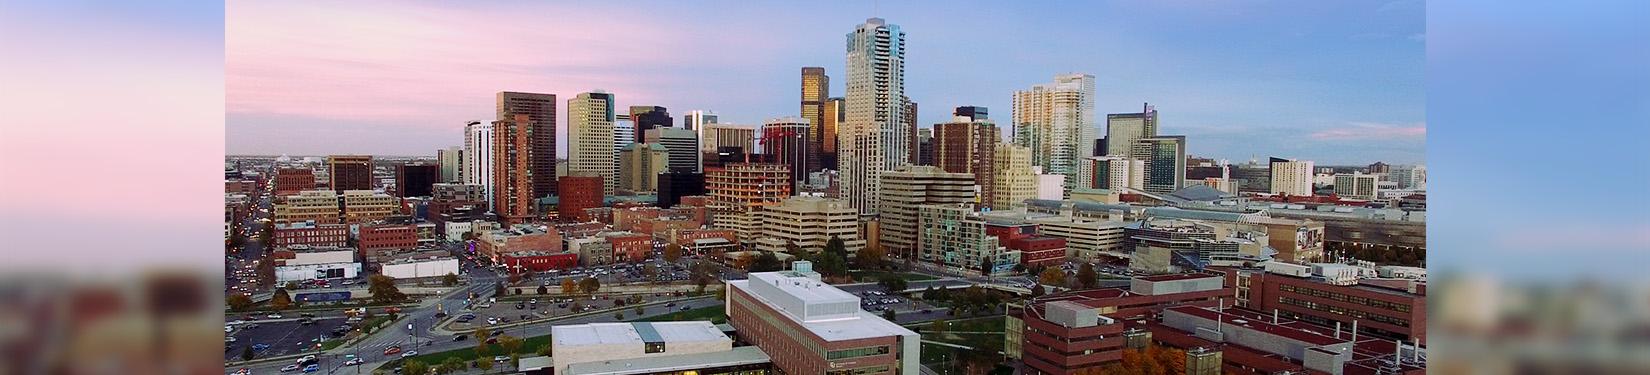 Denver, Colorado Skyline